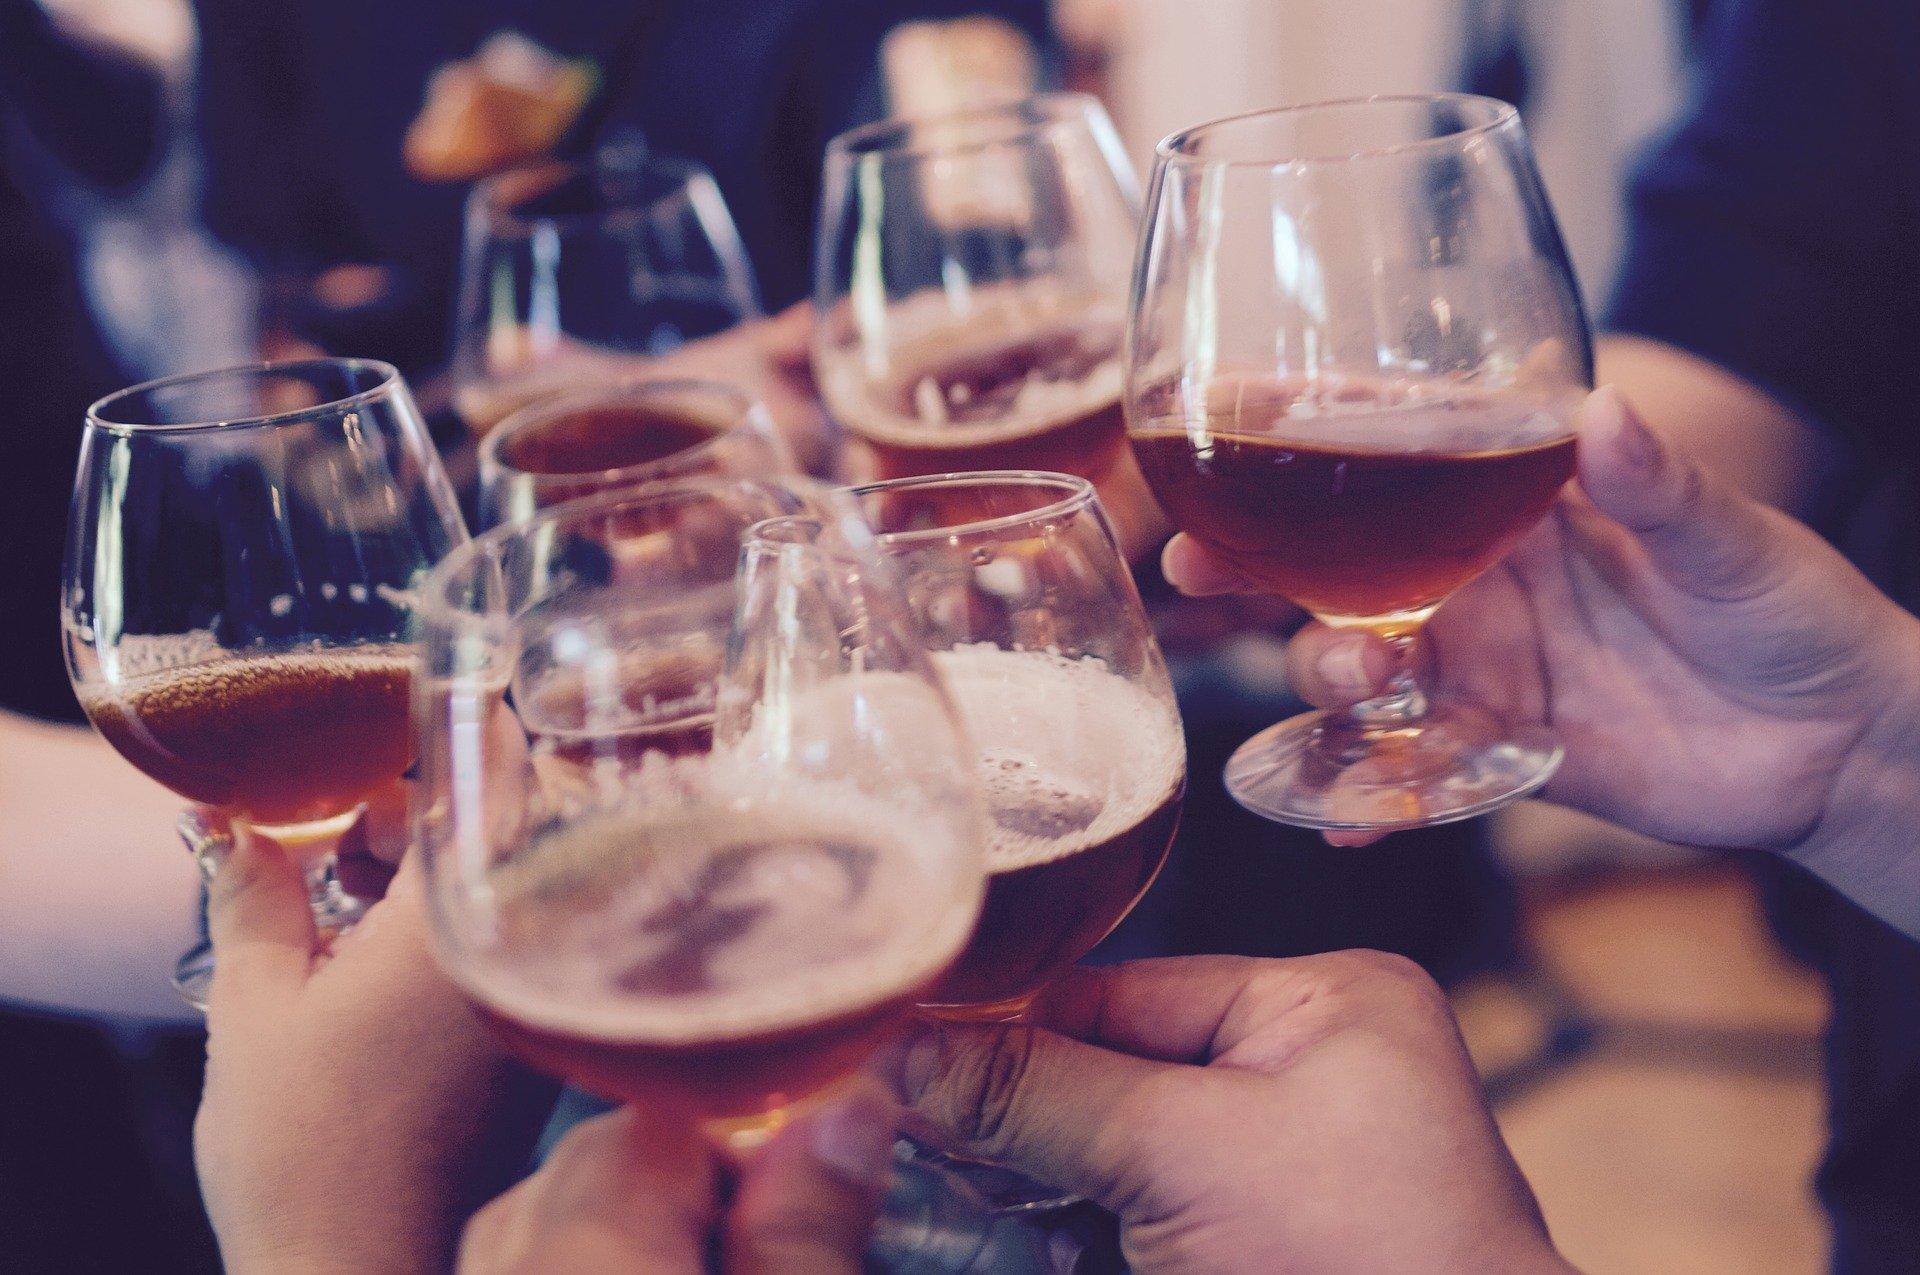 La consommation d'alcool serait liée à un cancer sur 25